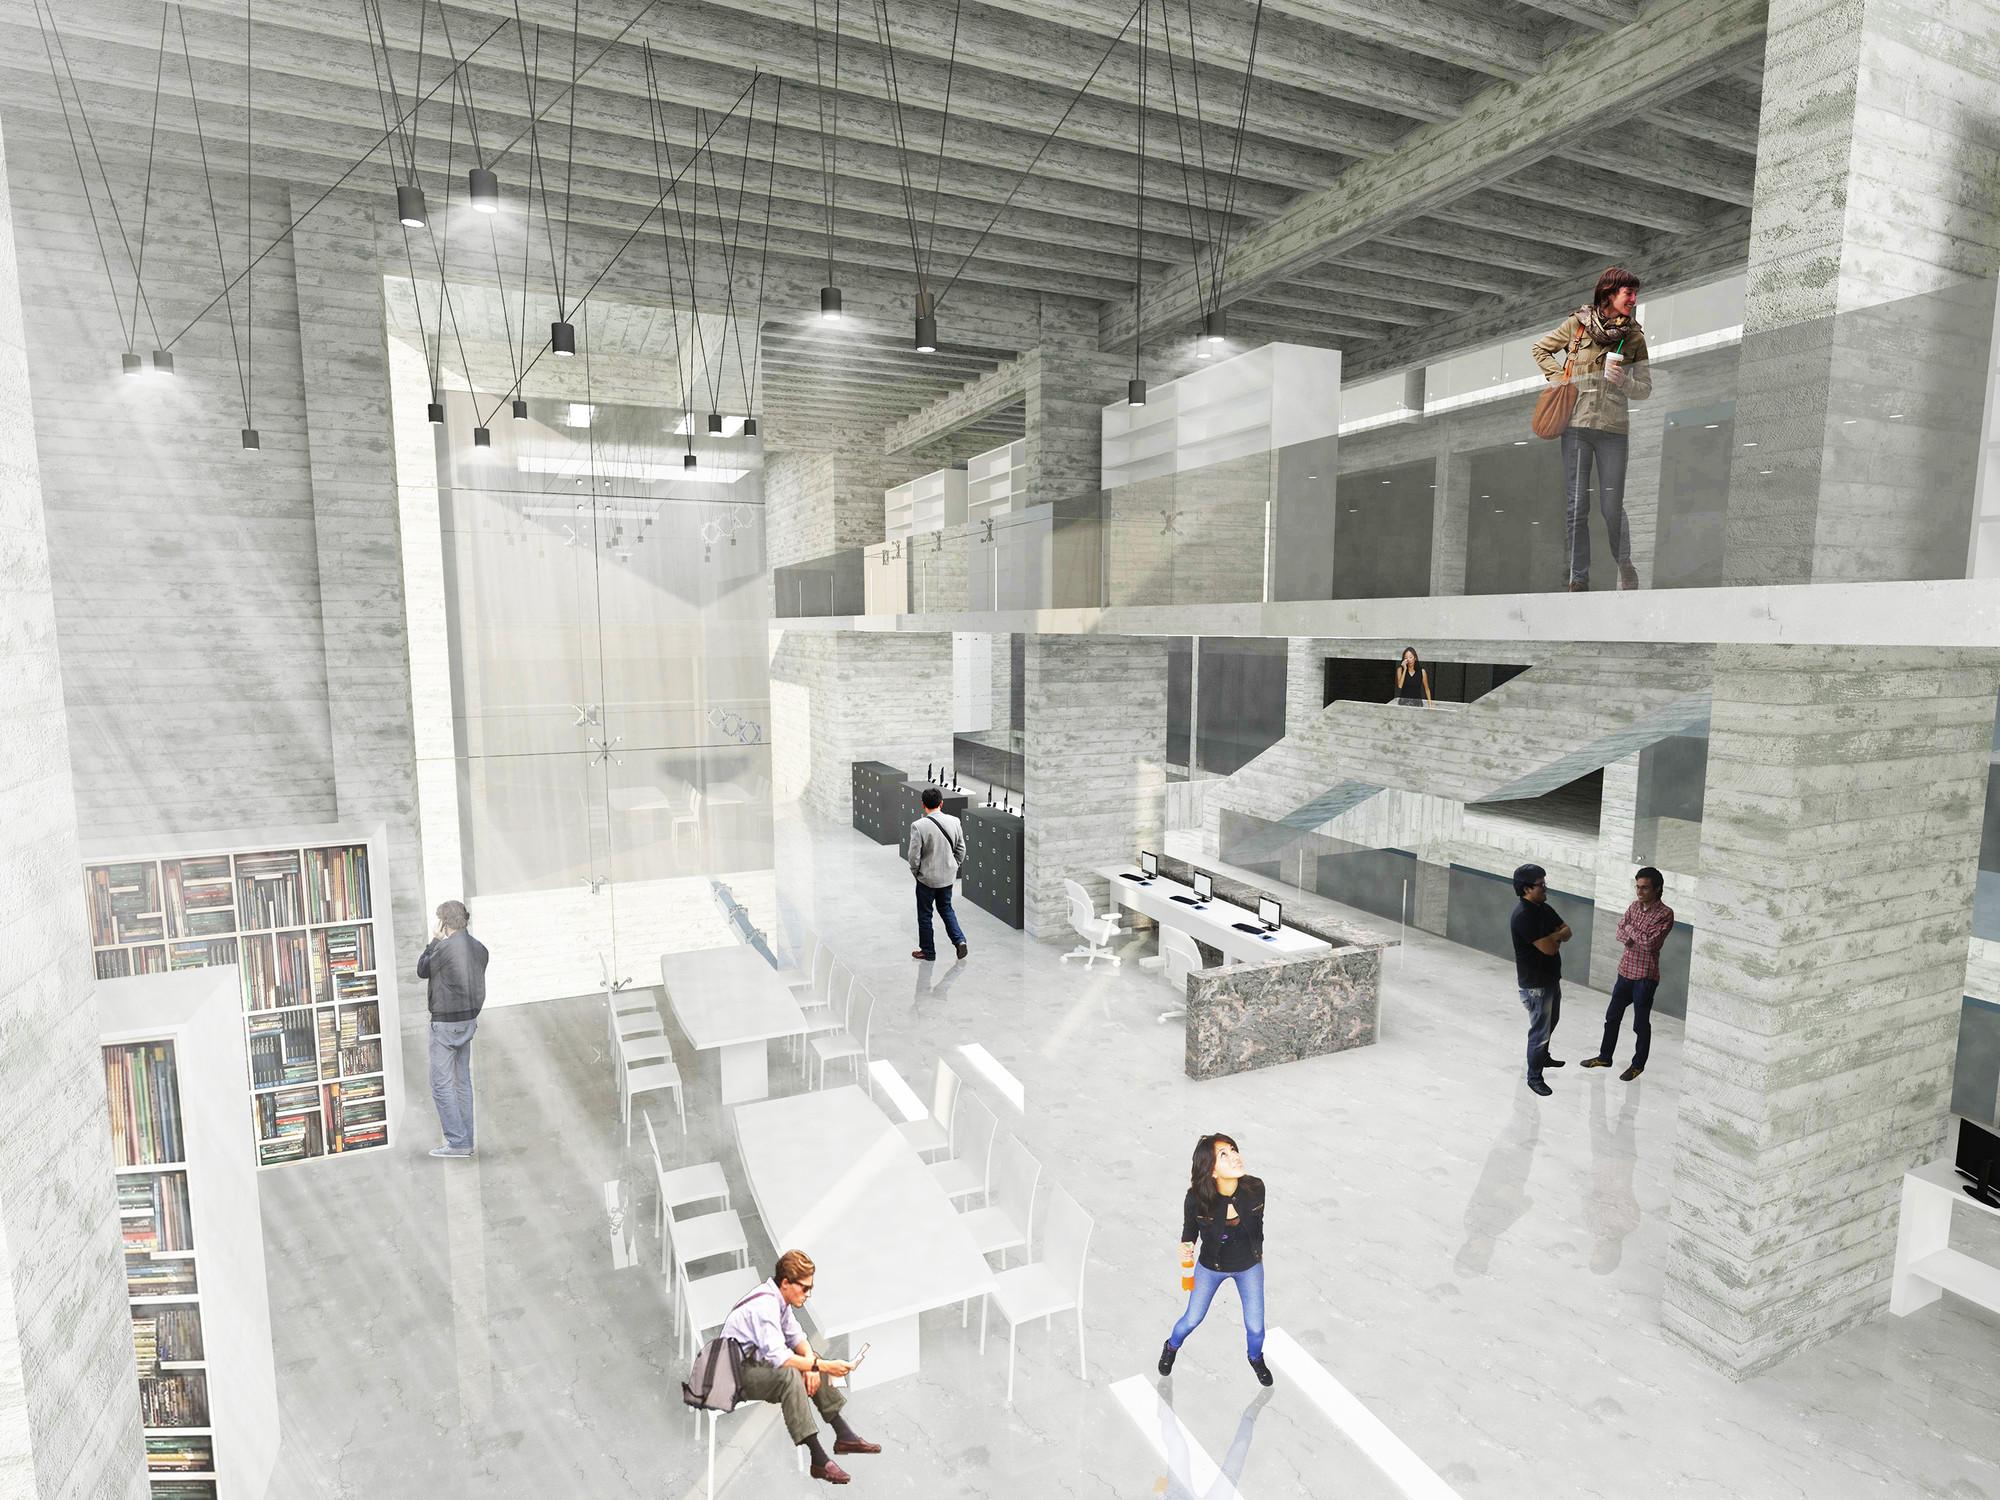 Cortesia de Cheng Franco Arquitectos